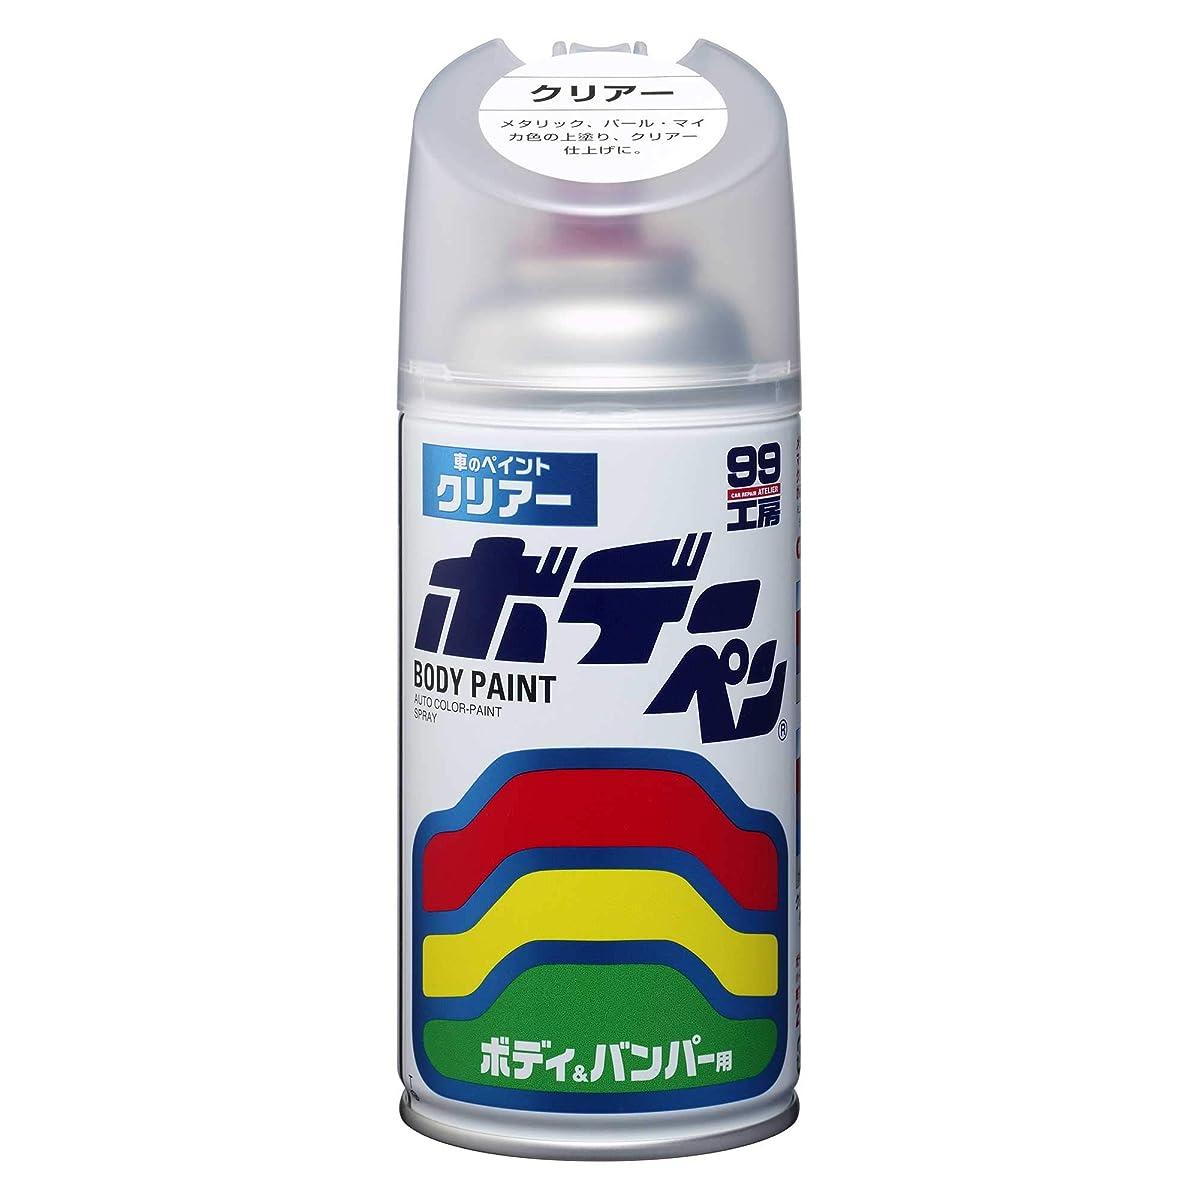 トリッキーぶどう動エーモン ターミナルセット(中) 電工ペンチ付 E2